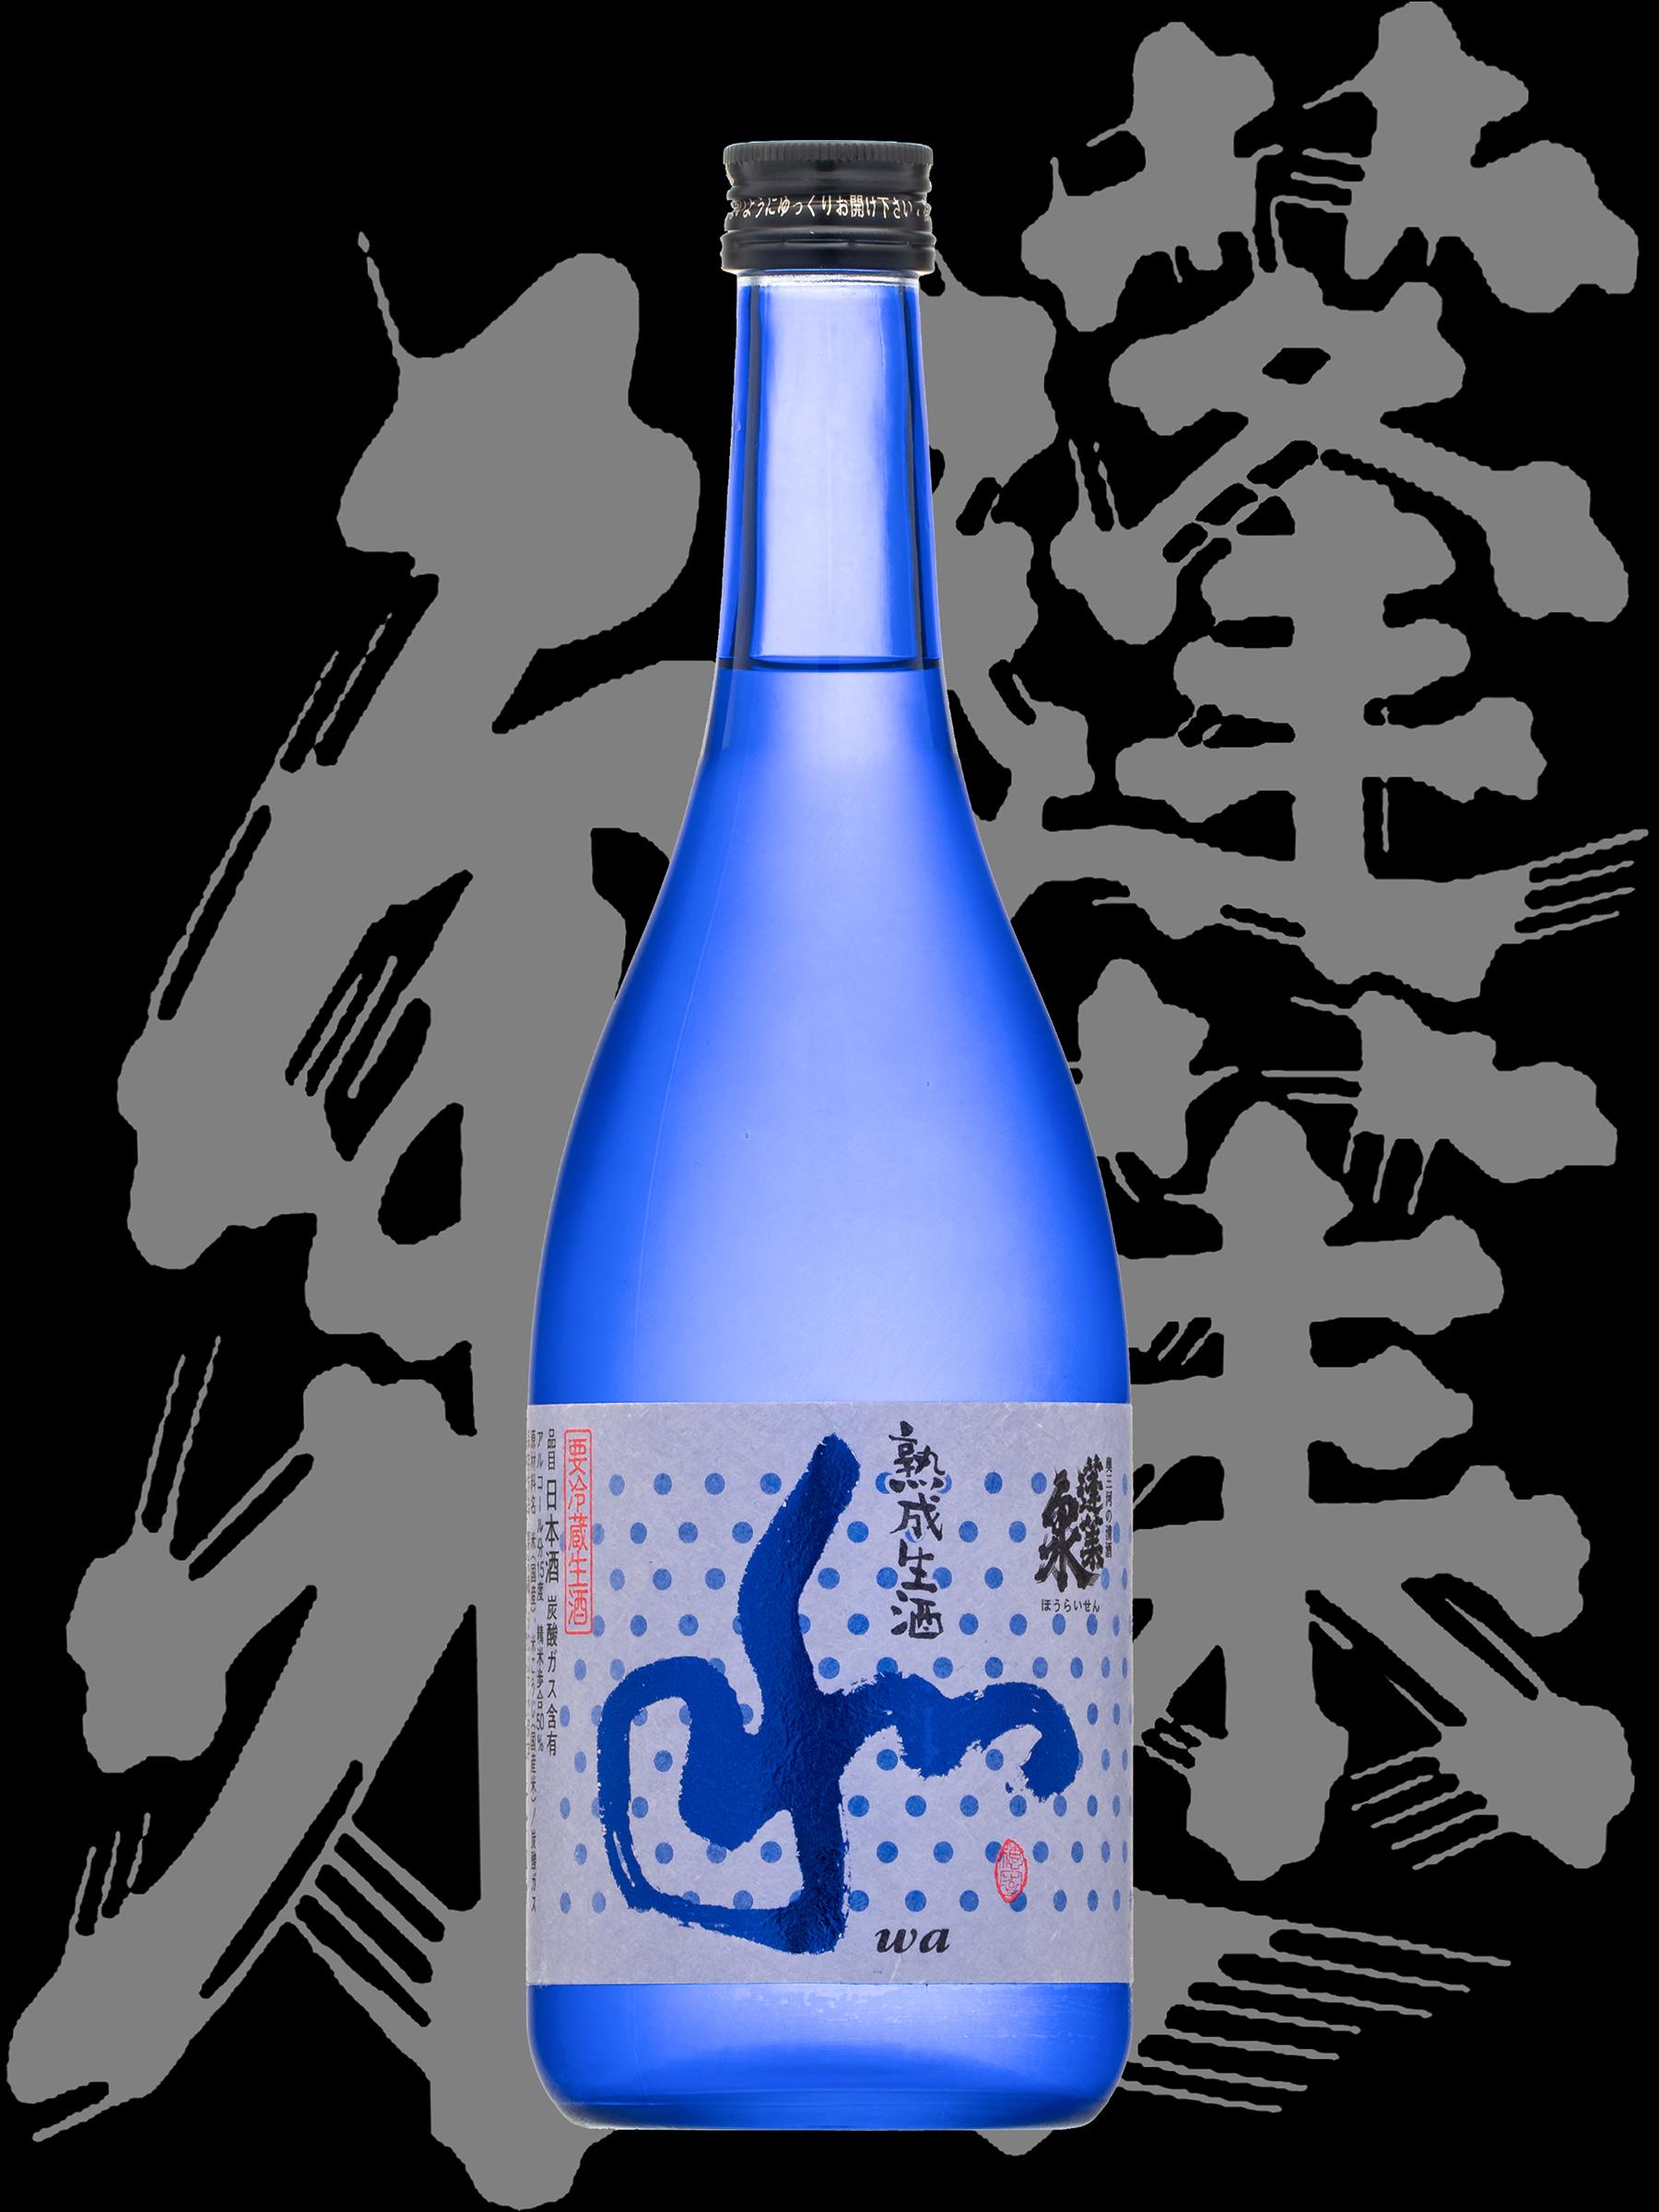 蓬莱泉(ほうらいせん)「純米吟醸」和、熟成生酒、微炭酸